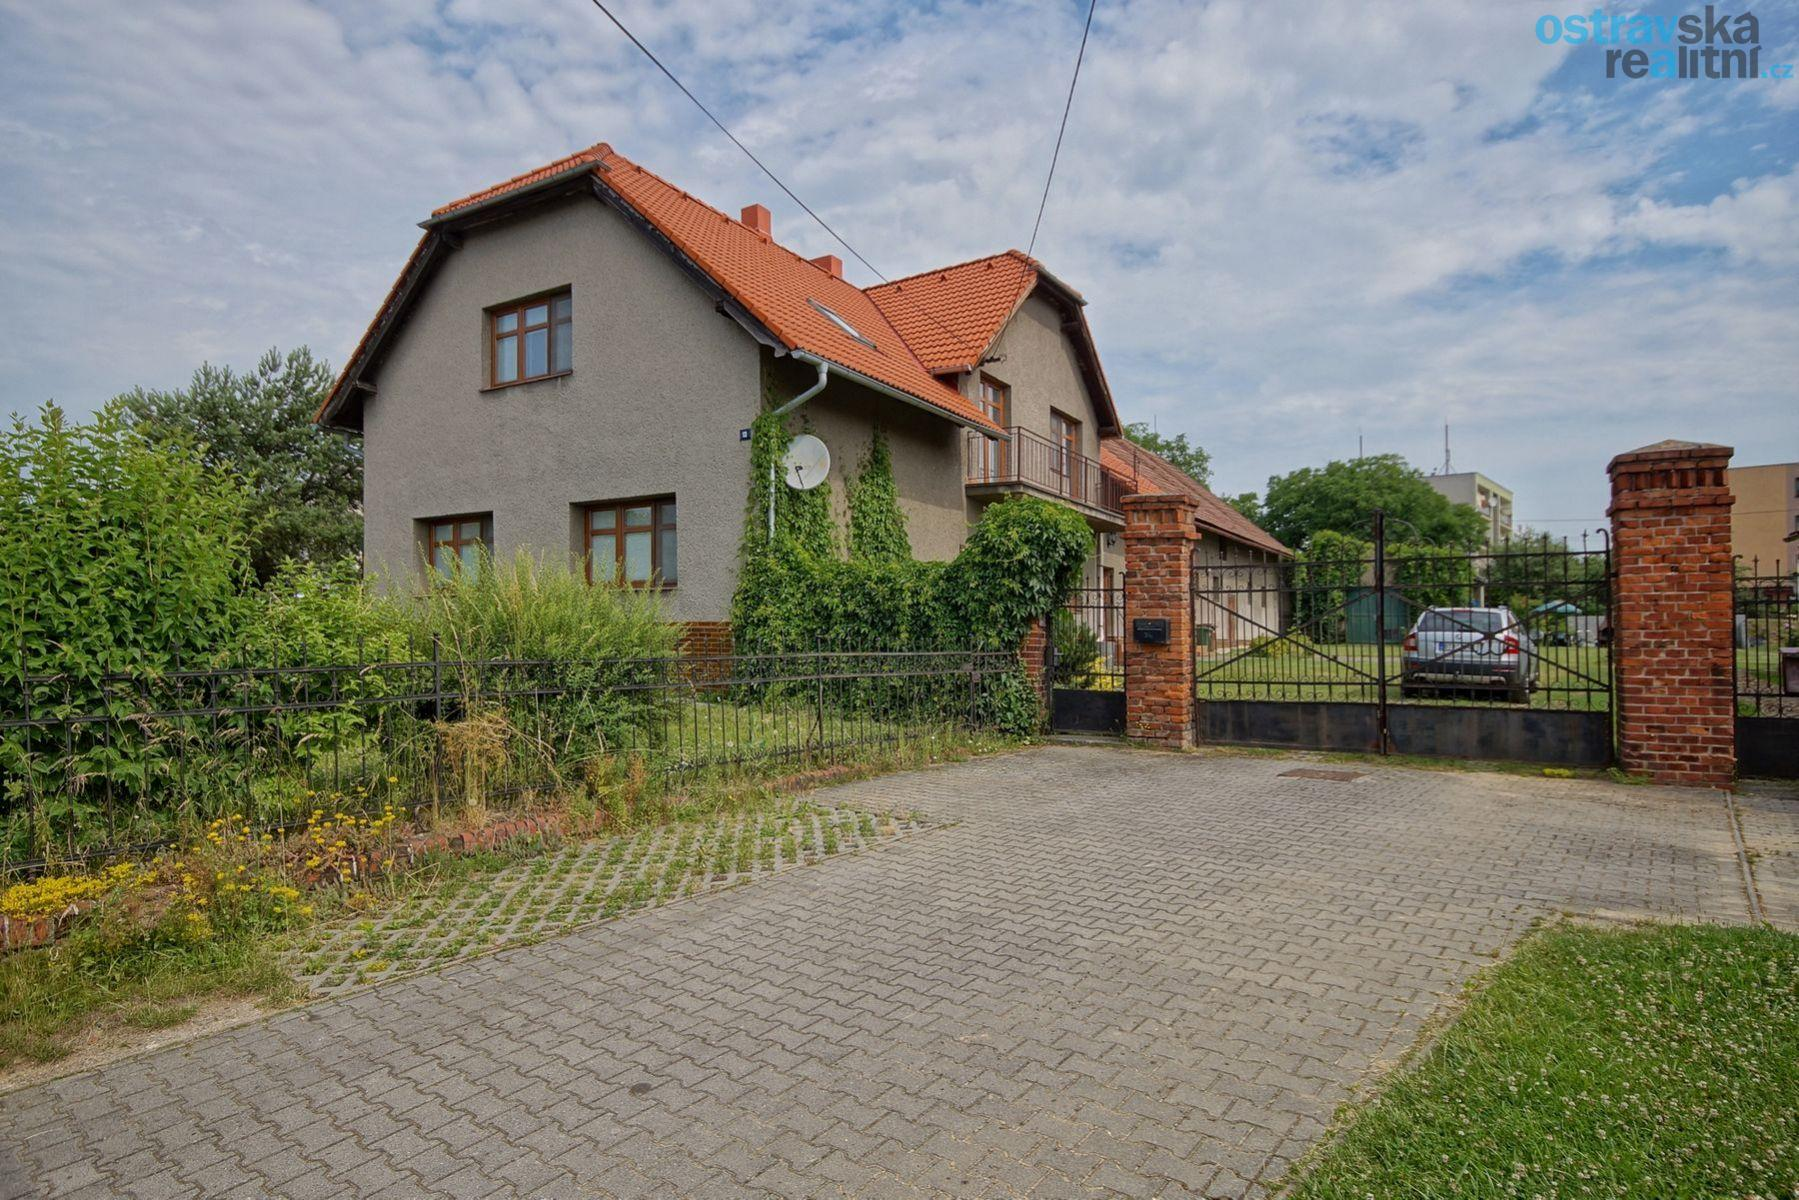 Prodej, dům 4+1 a 2+1, Velká Polom, velká zahrada